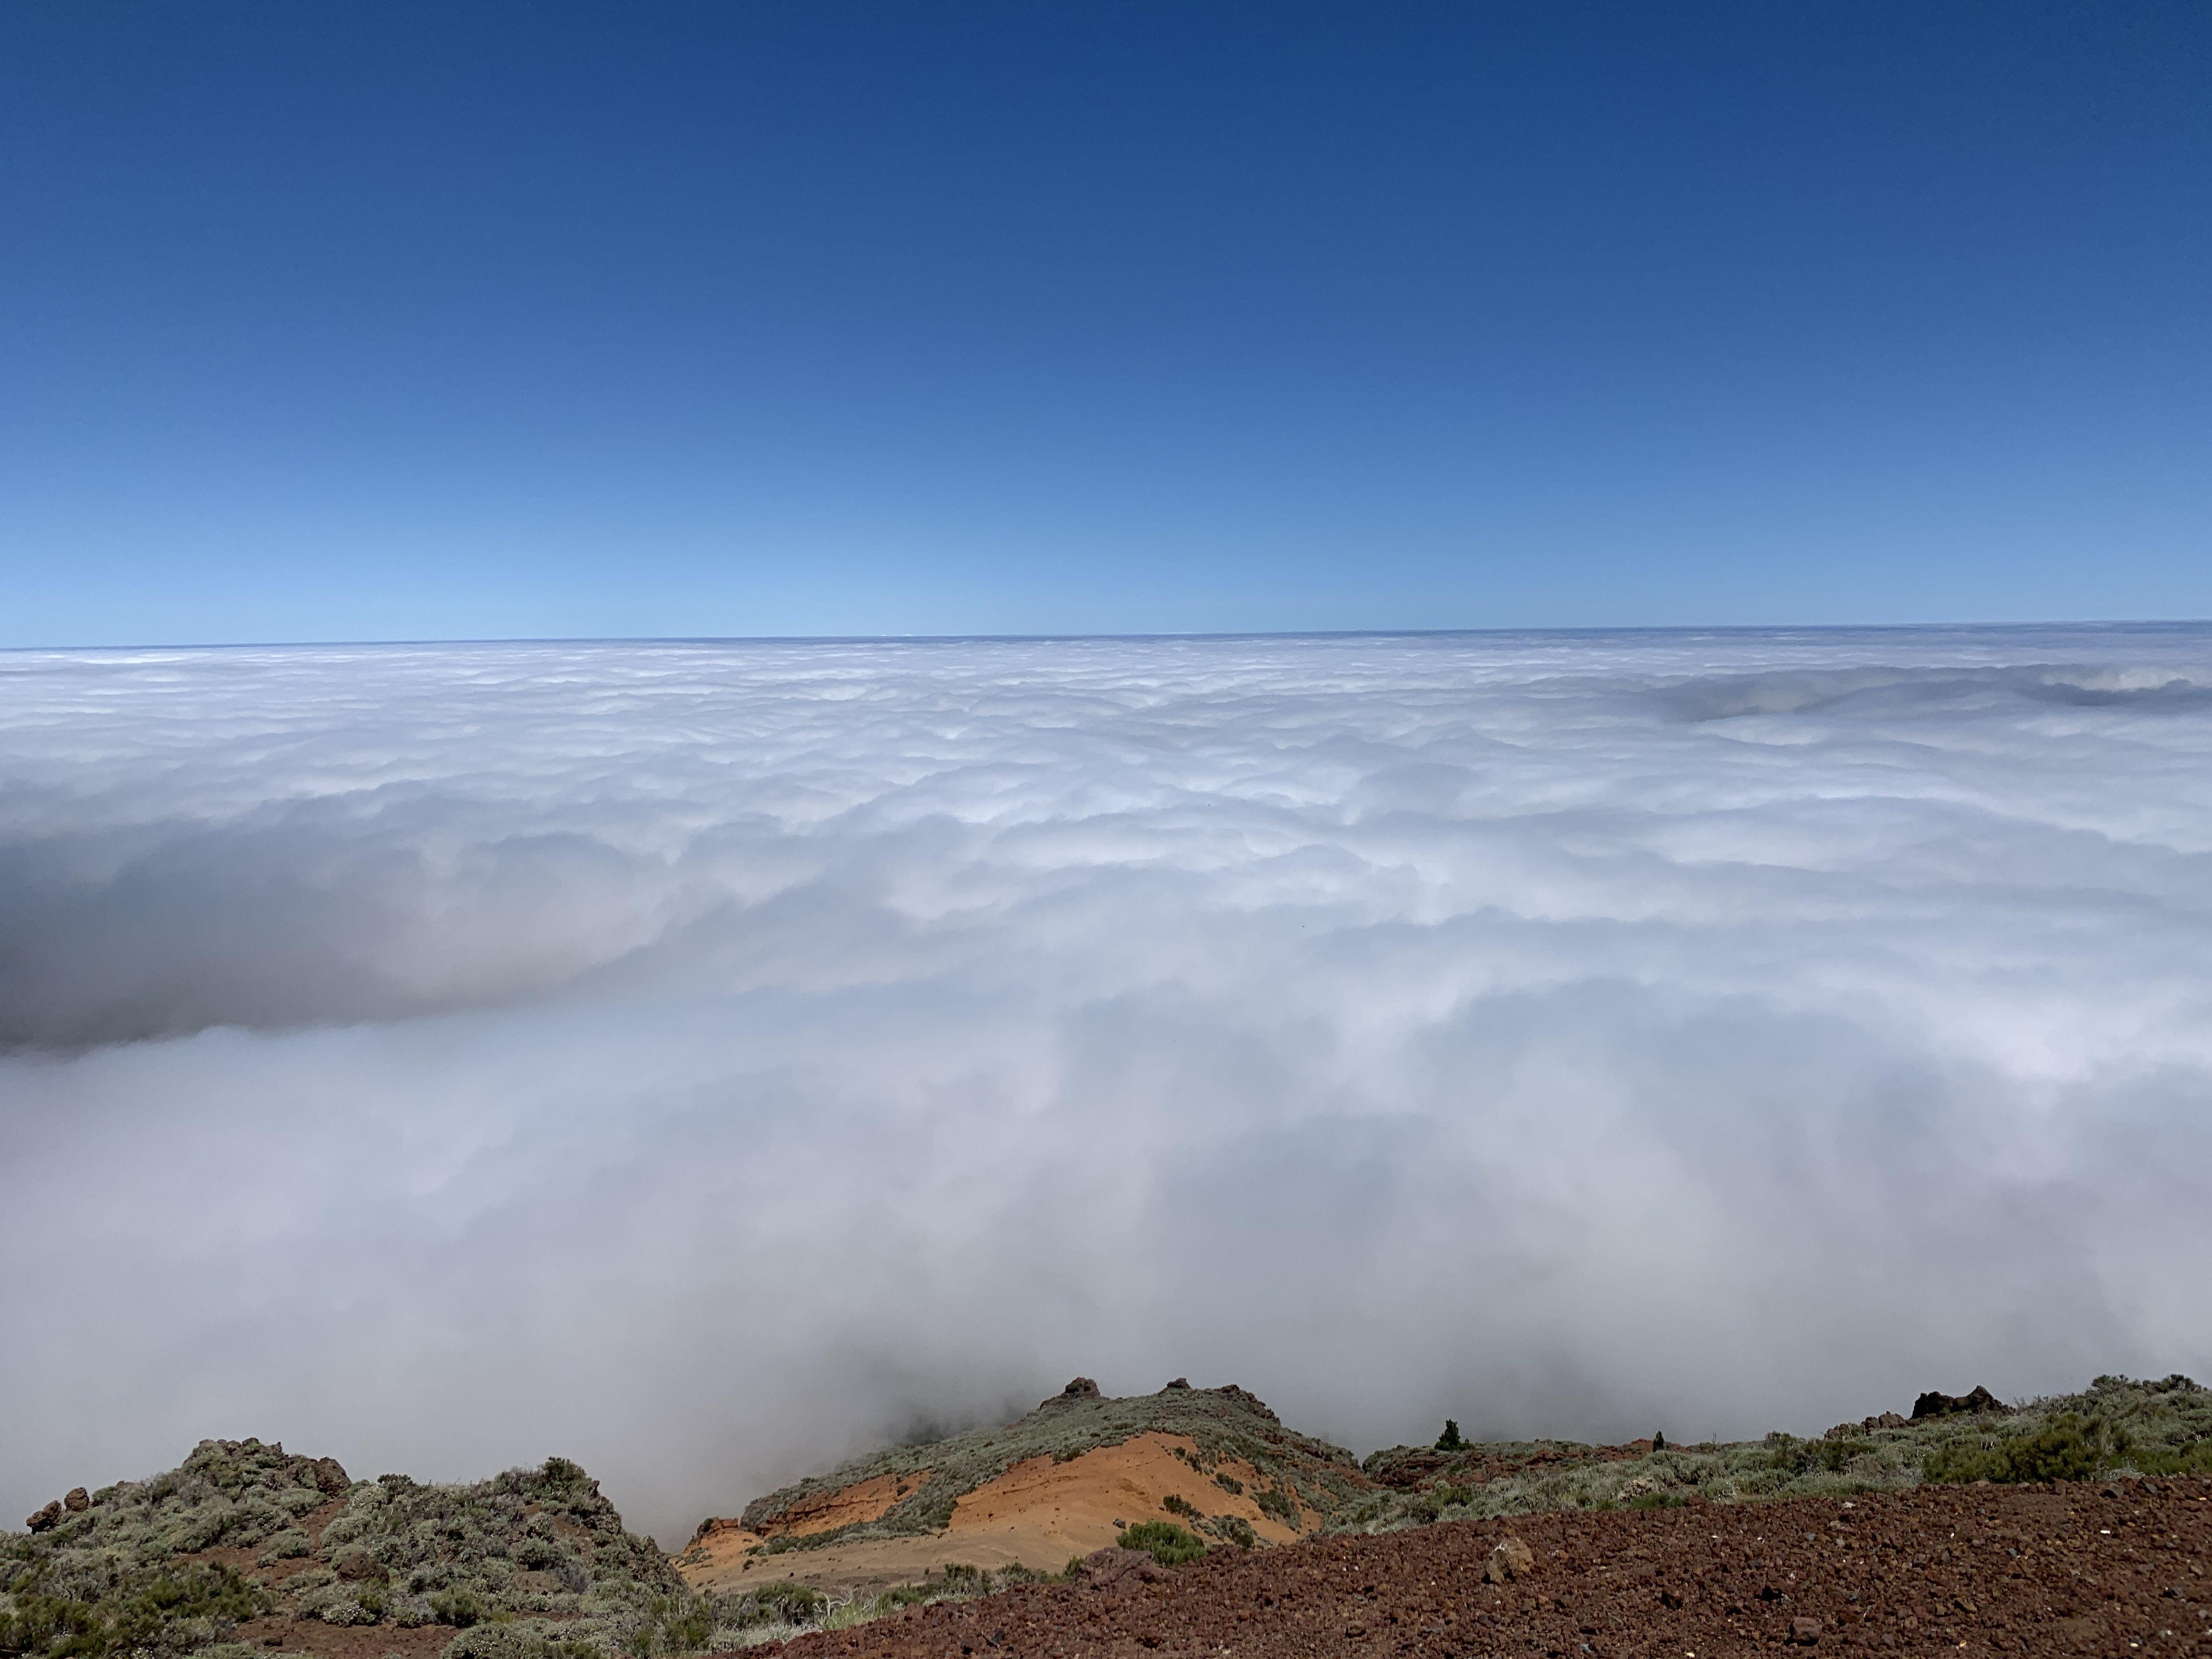 Lunar landscapes in Tenerife